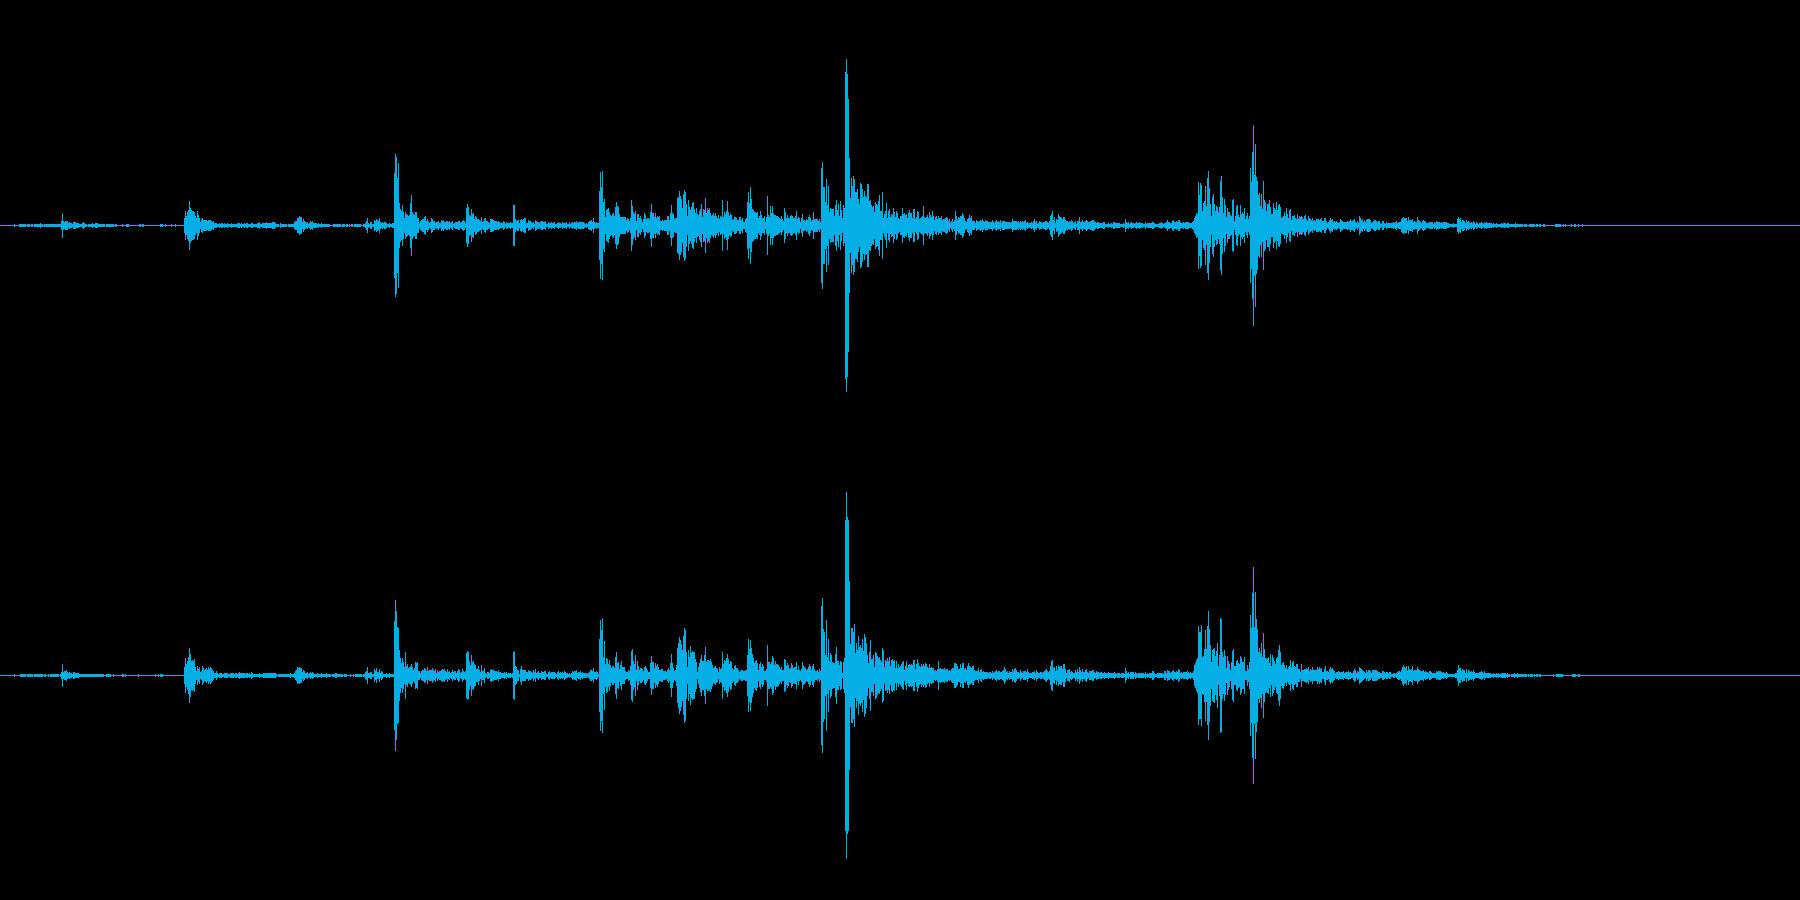 【生録音】弁当・惣菜パックの音 11の再生済みの波形